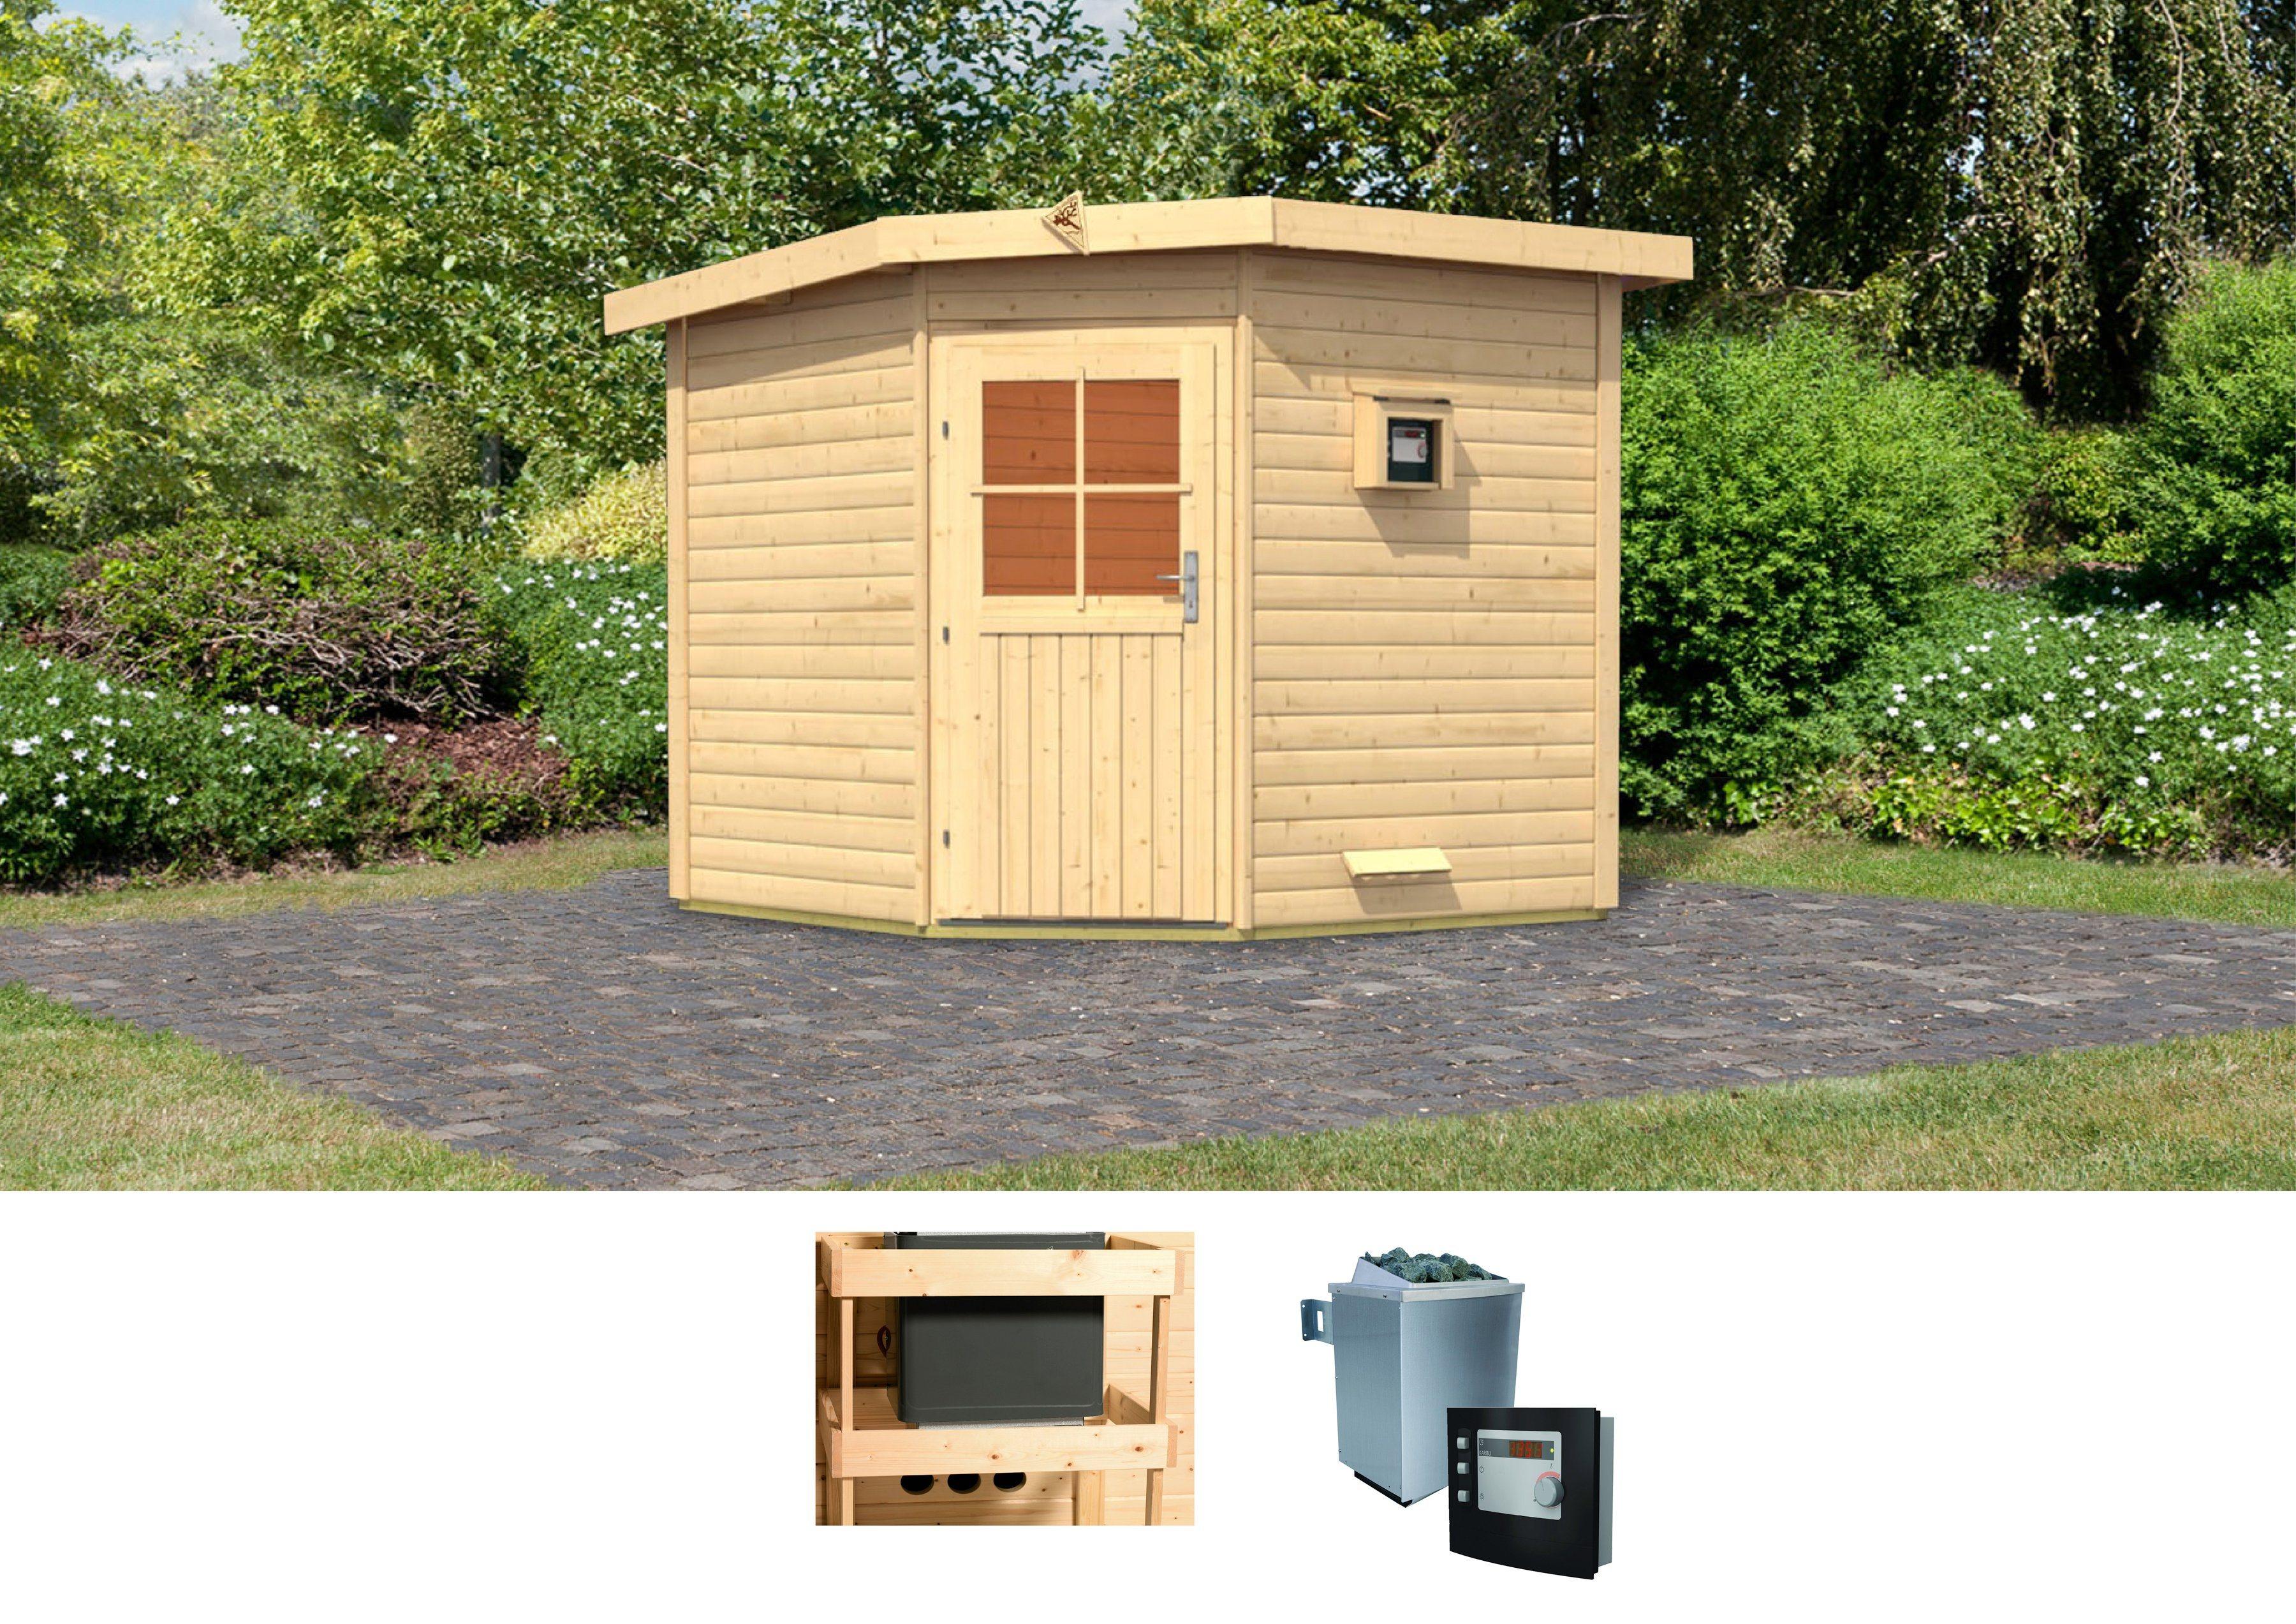 KARIBU Saunahaus »Hauke«, 231/231/226 cm, 9-KW-Ofen mit ext. Steuerung | Baumarkt > Bad und Sanitär > Sauna und Zubehör | Karibu